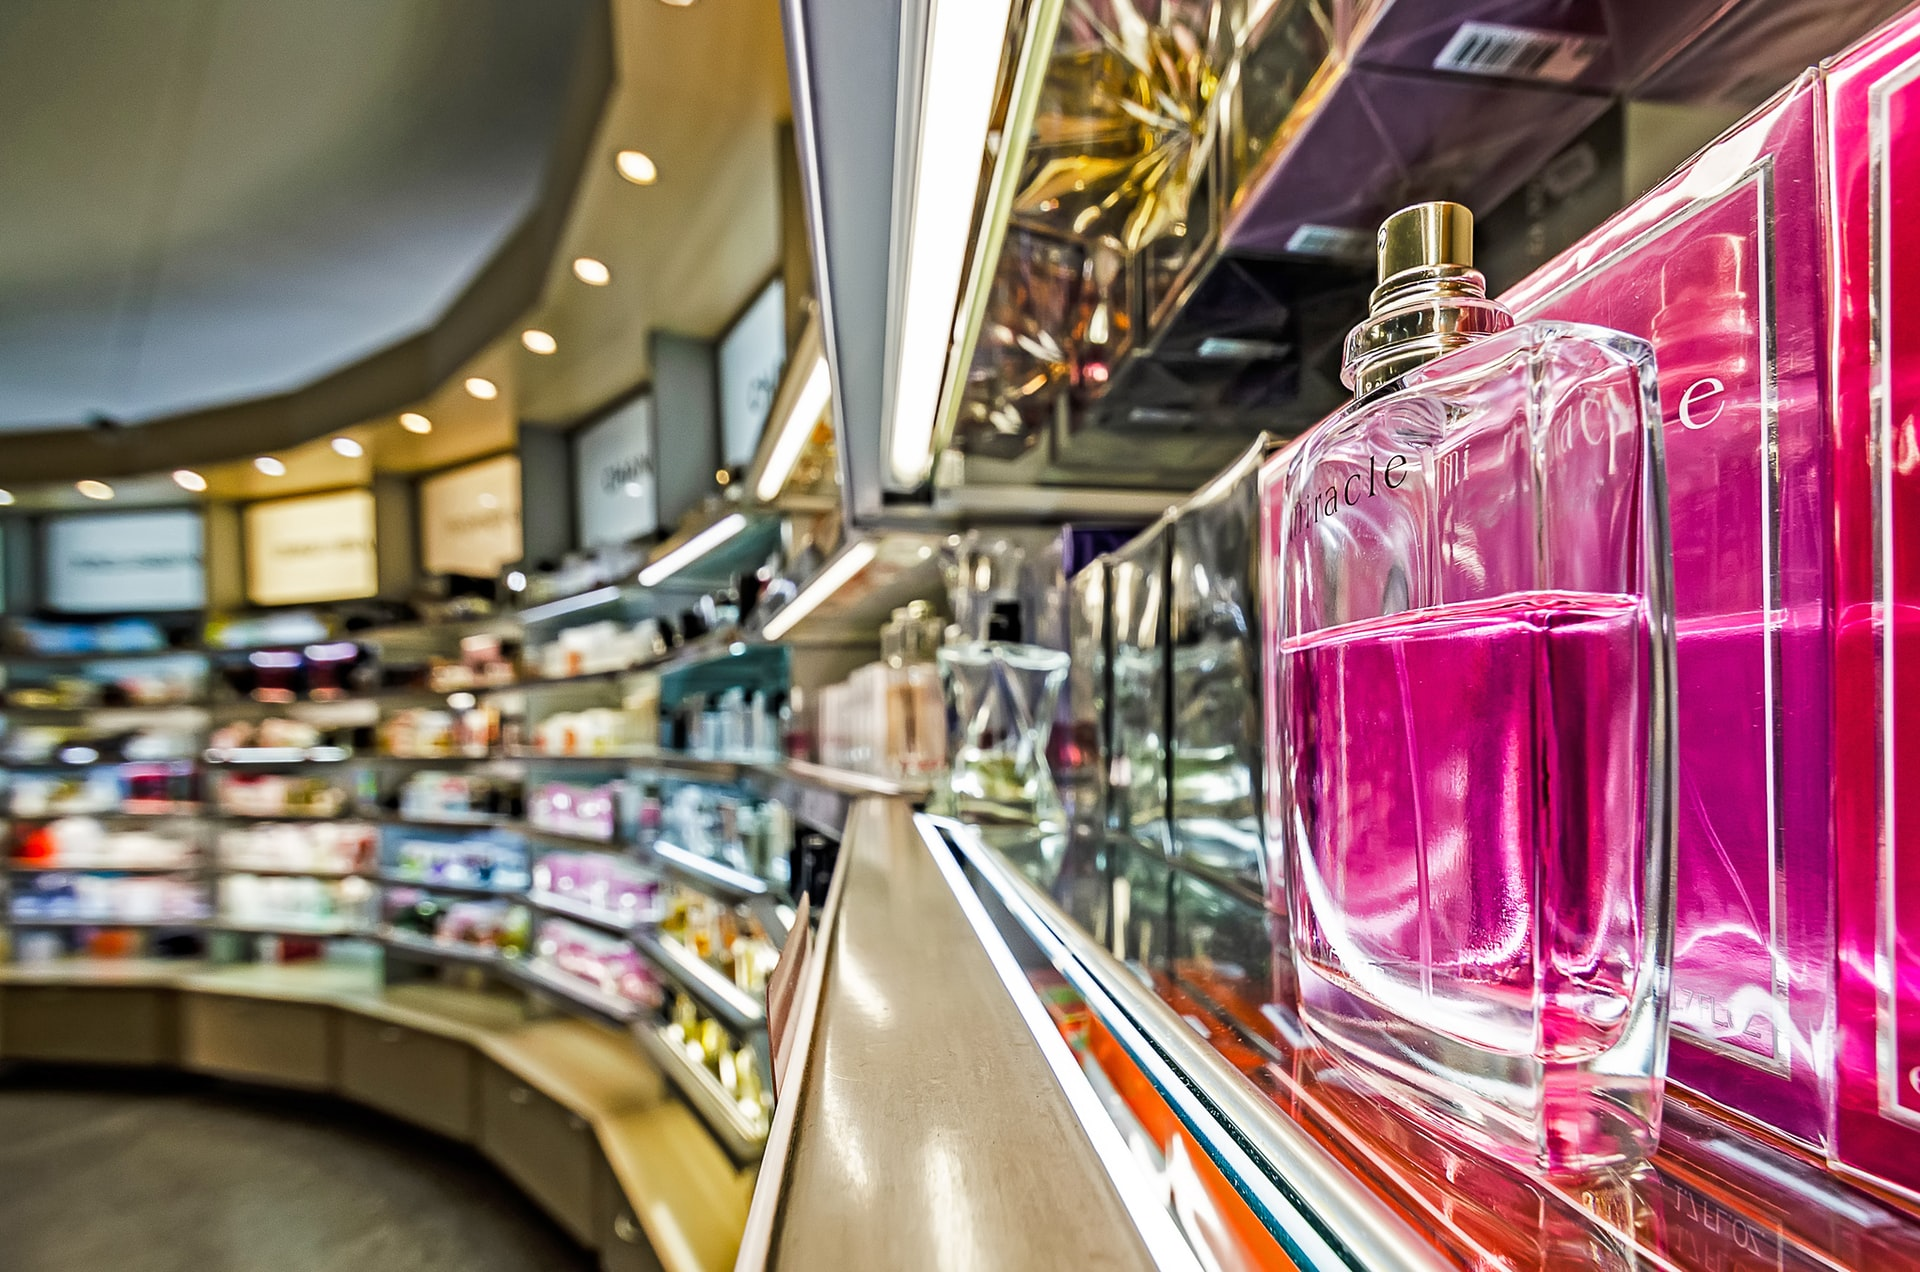 Някога питали ли сте се как се произвеждат парфюми? Ето тук научавате отговора